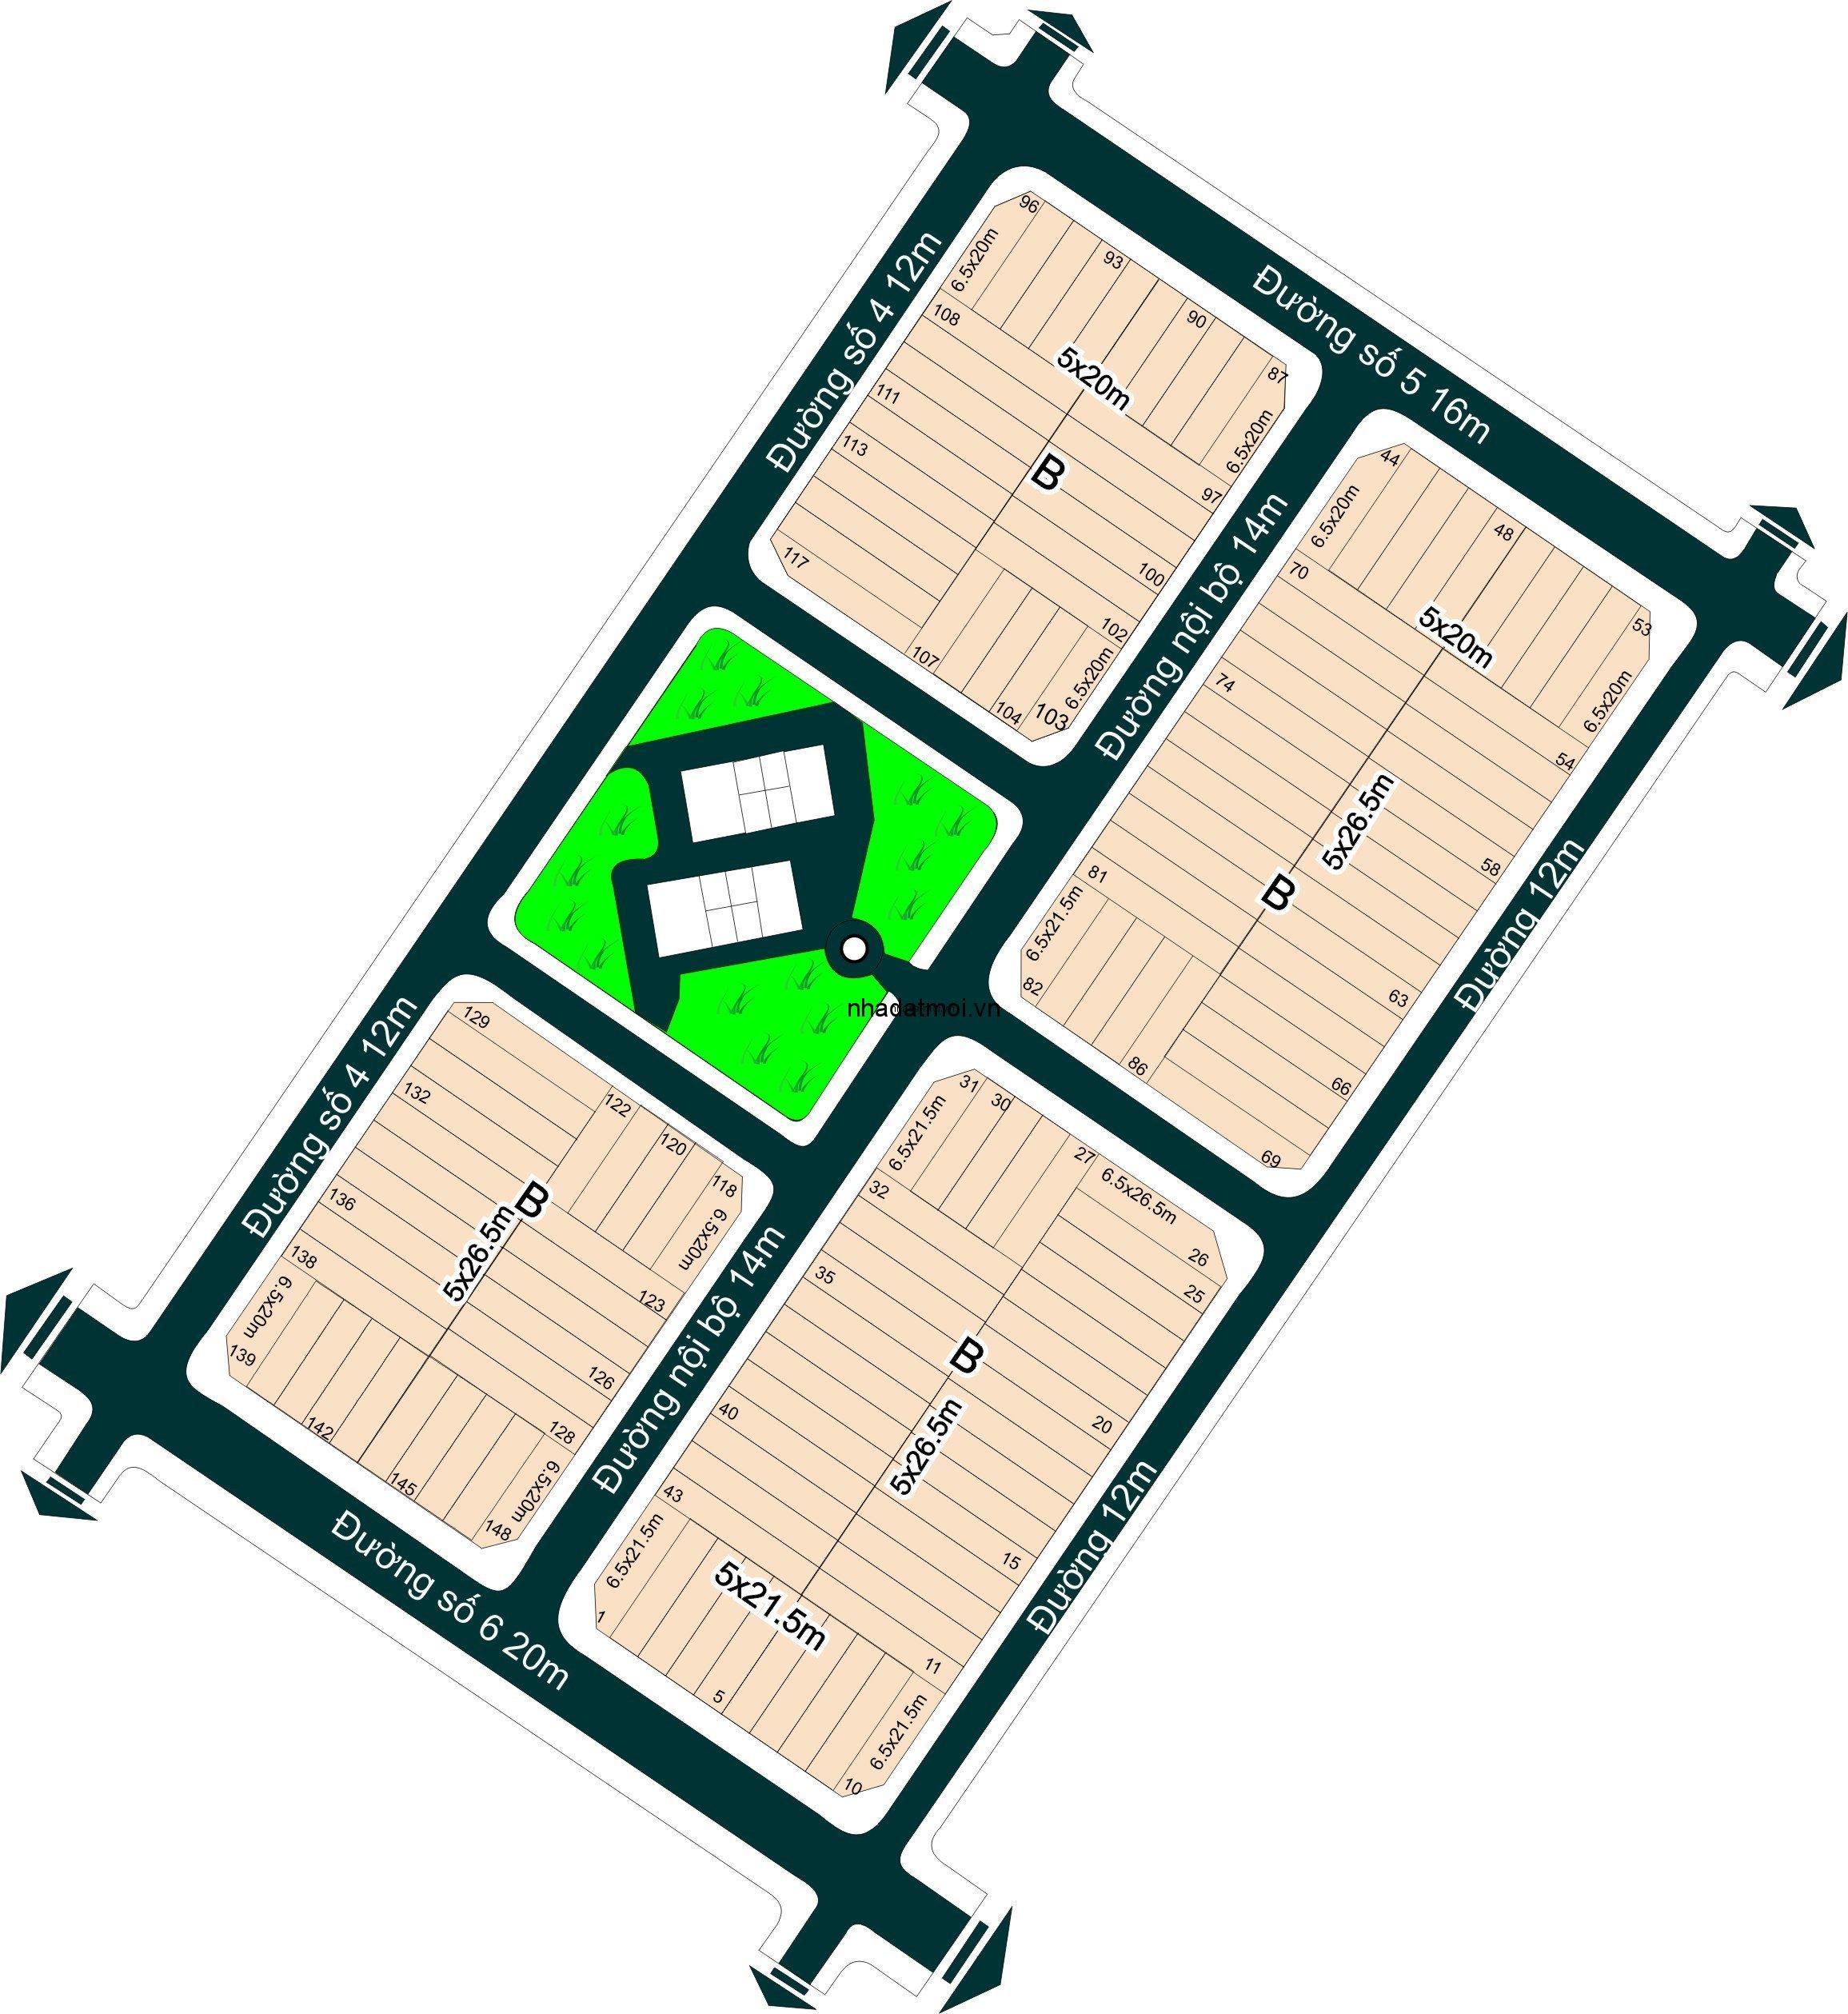 Dự án công ty kinh doanh nhà Q1 trong khu 154 ha Khu dân cư Bình Trưng Đông - Cát Lái Quận 2